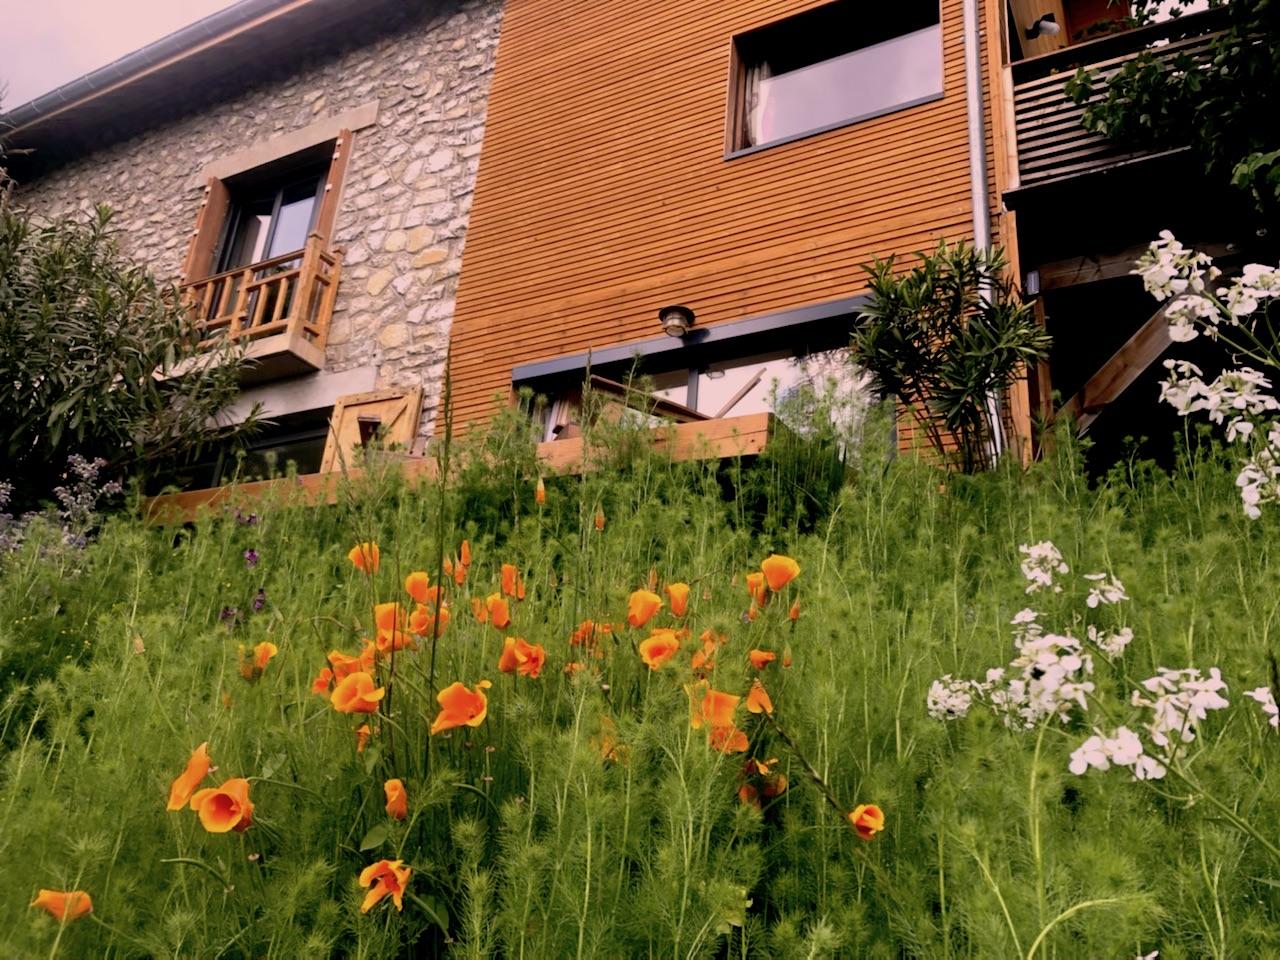 Éco-gîte montagne et chambre d'hôtes de charme à Grenoble 23